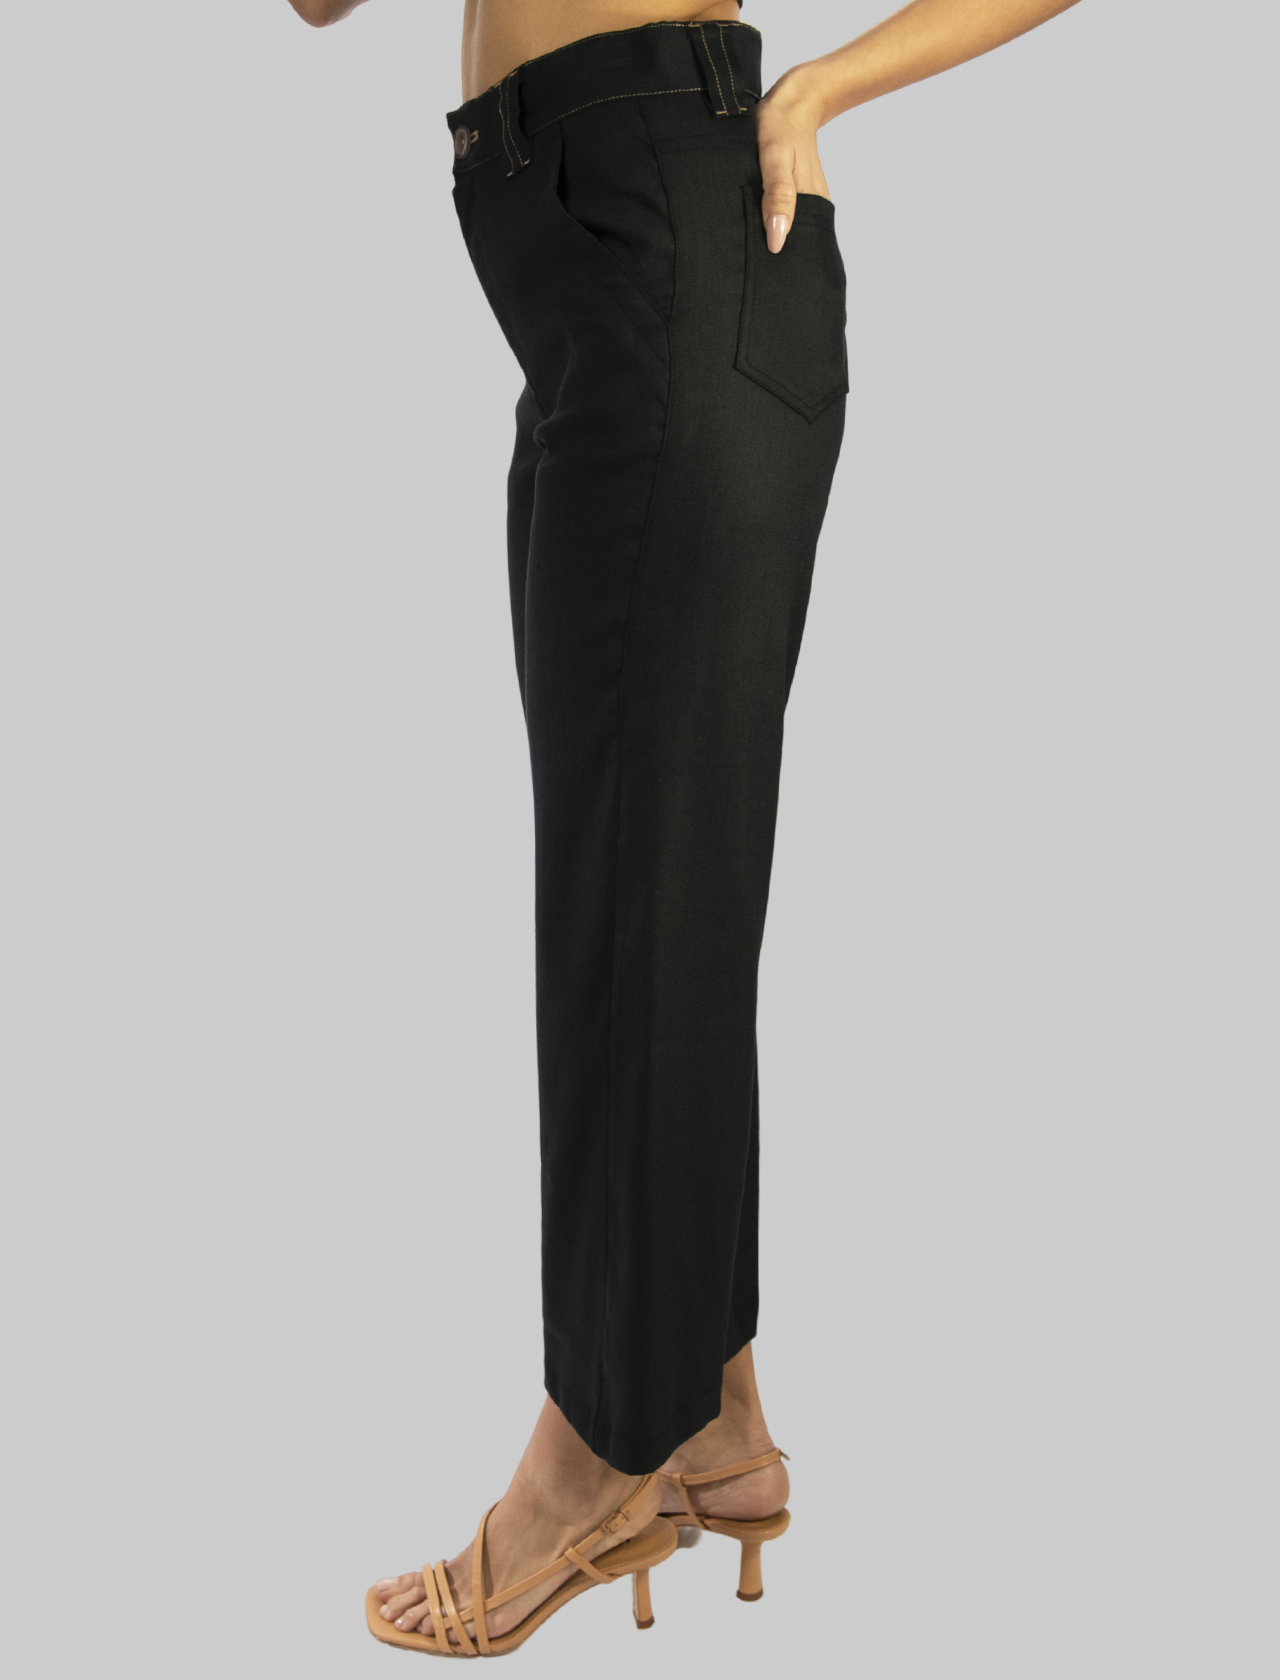 Abbigliamento Donna Pantalone Diagonal Linen Taglio Jeans Tasche Americane in Lino Nero Maliparmi | Gonne e Pantaloni | JH74614007820000